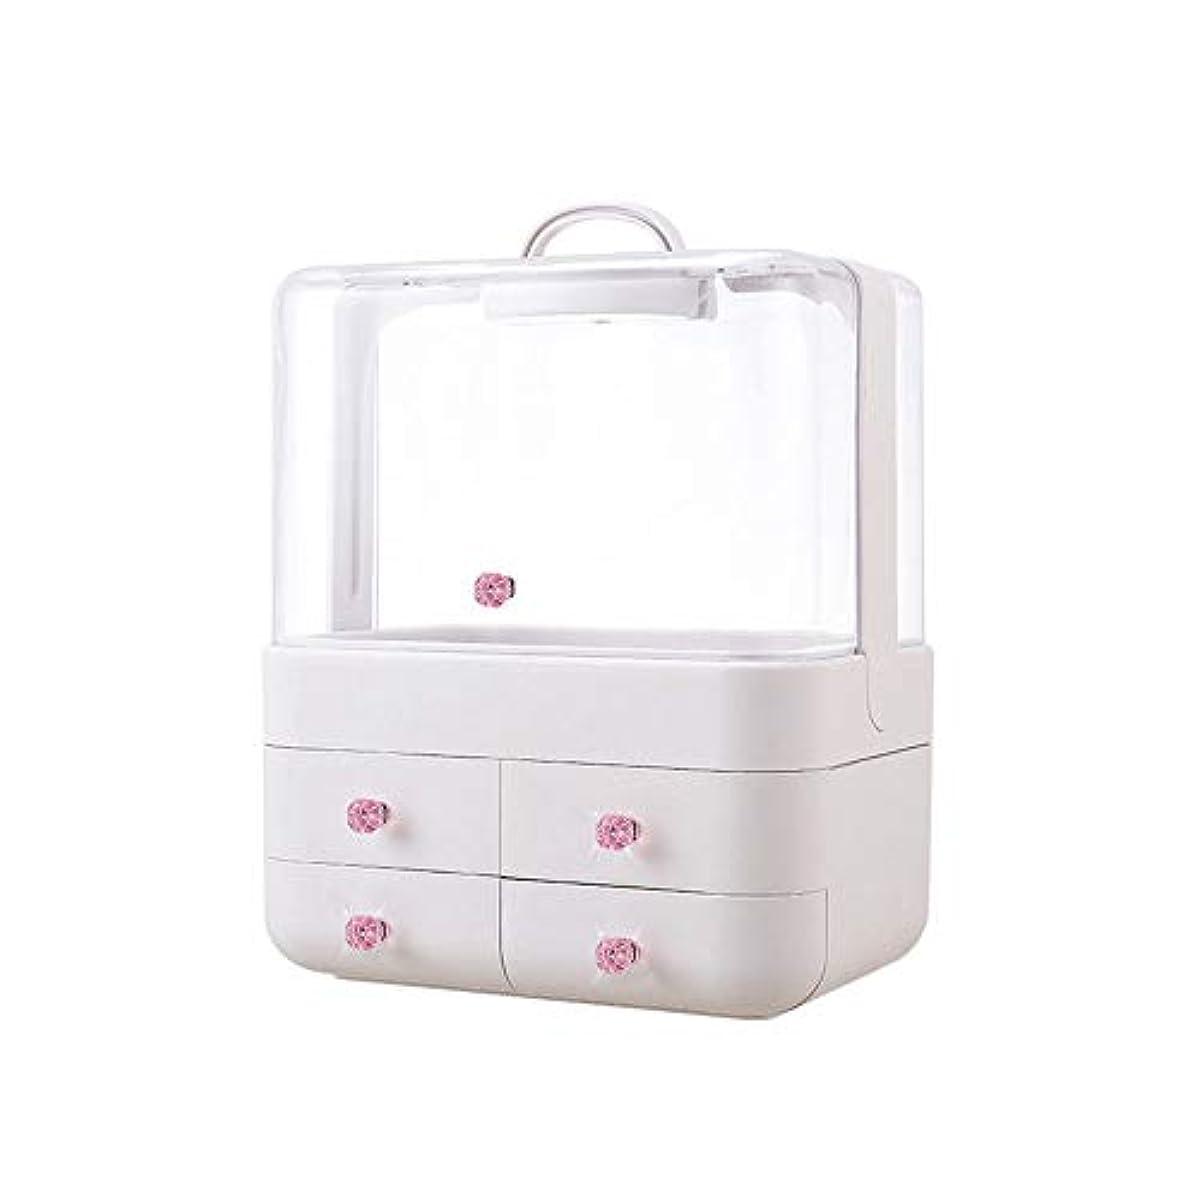 変形しわ引き受けるメイクボックス コスメボックス メイクスタンド 化粧品収納バックス 透明 持ち運び 大容量 かわいい 化粧箱 蓋付き 家用 普段用 収納 かわいい 手提げ付き ピンク シルバー